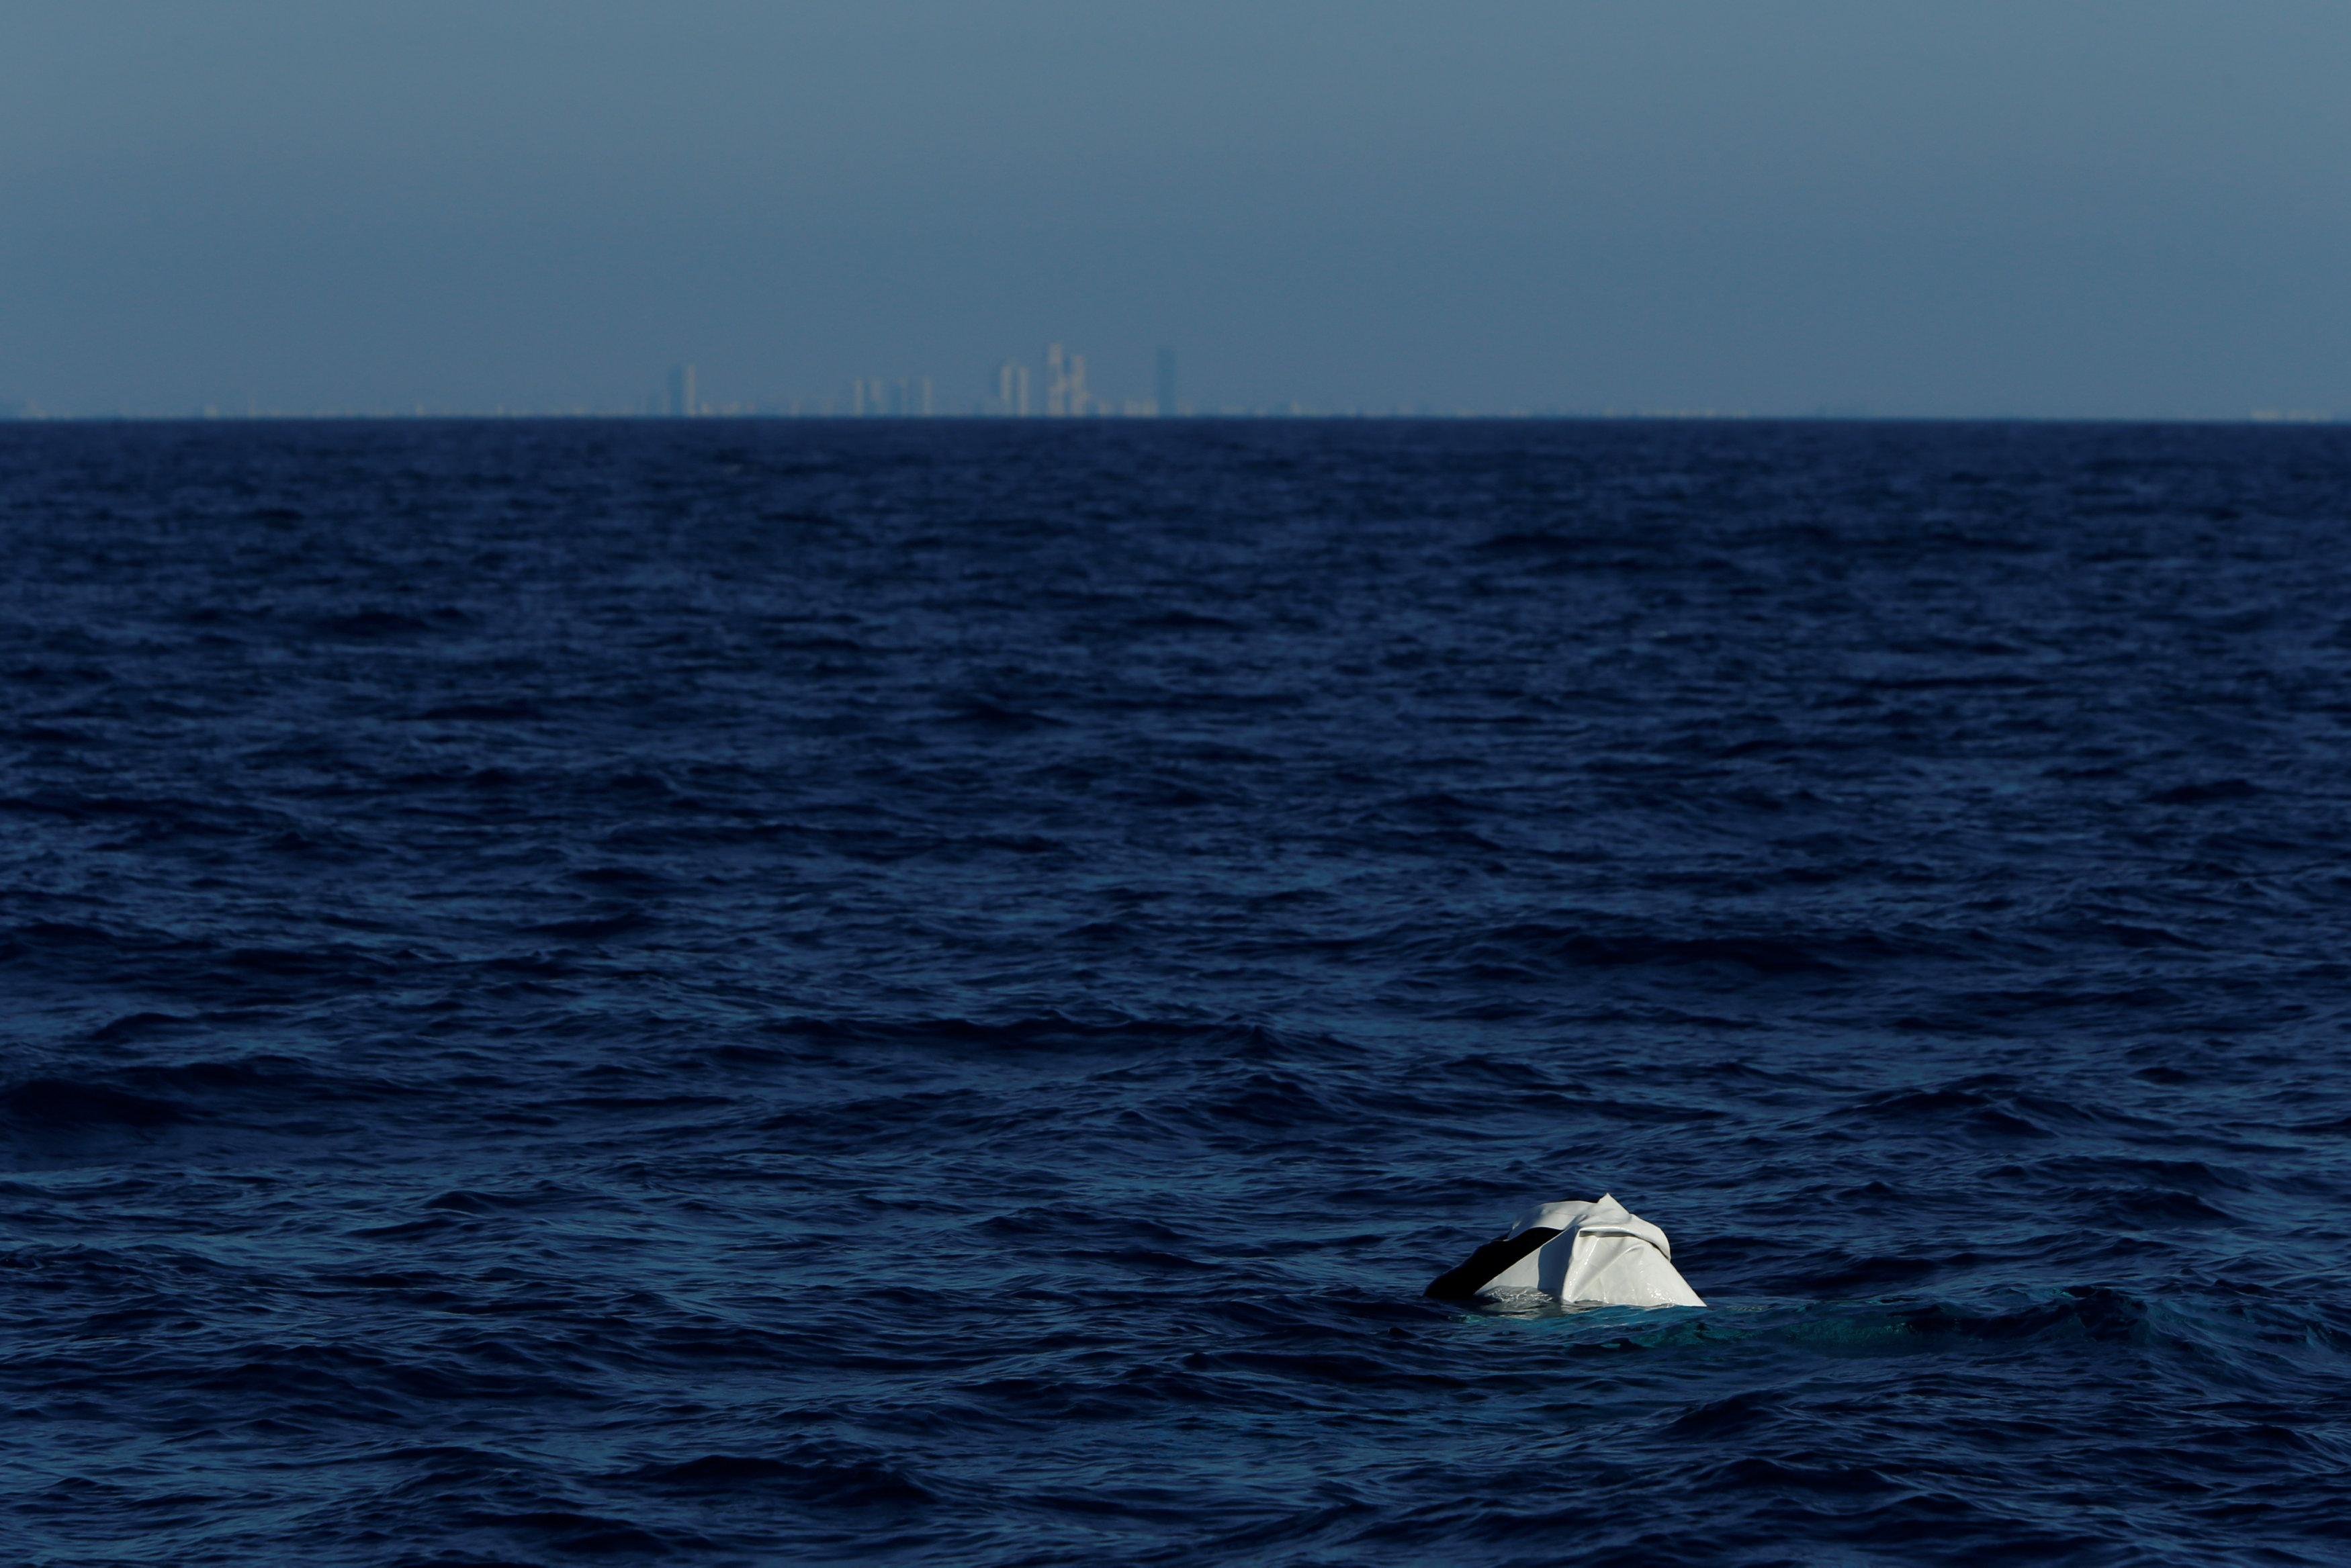 ВСредиземном море спасены неменее 2-х тыс. мигрантов